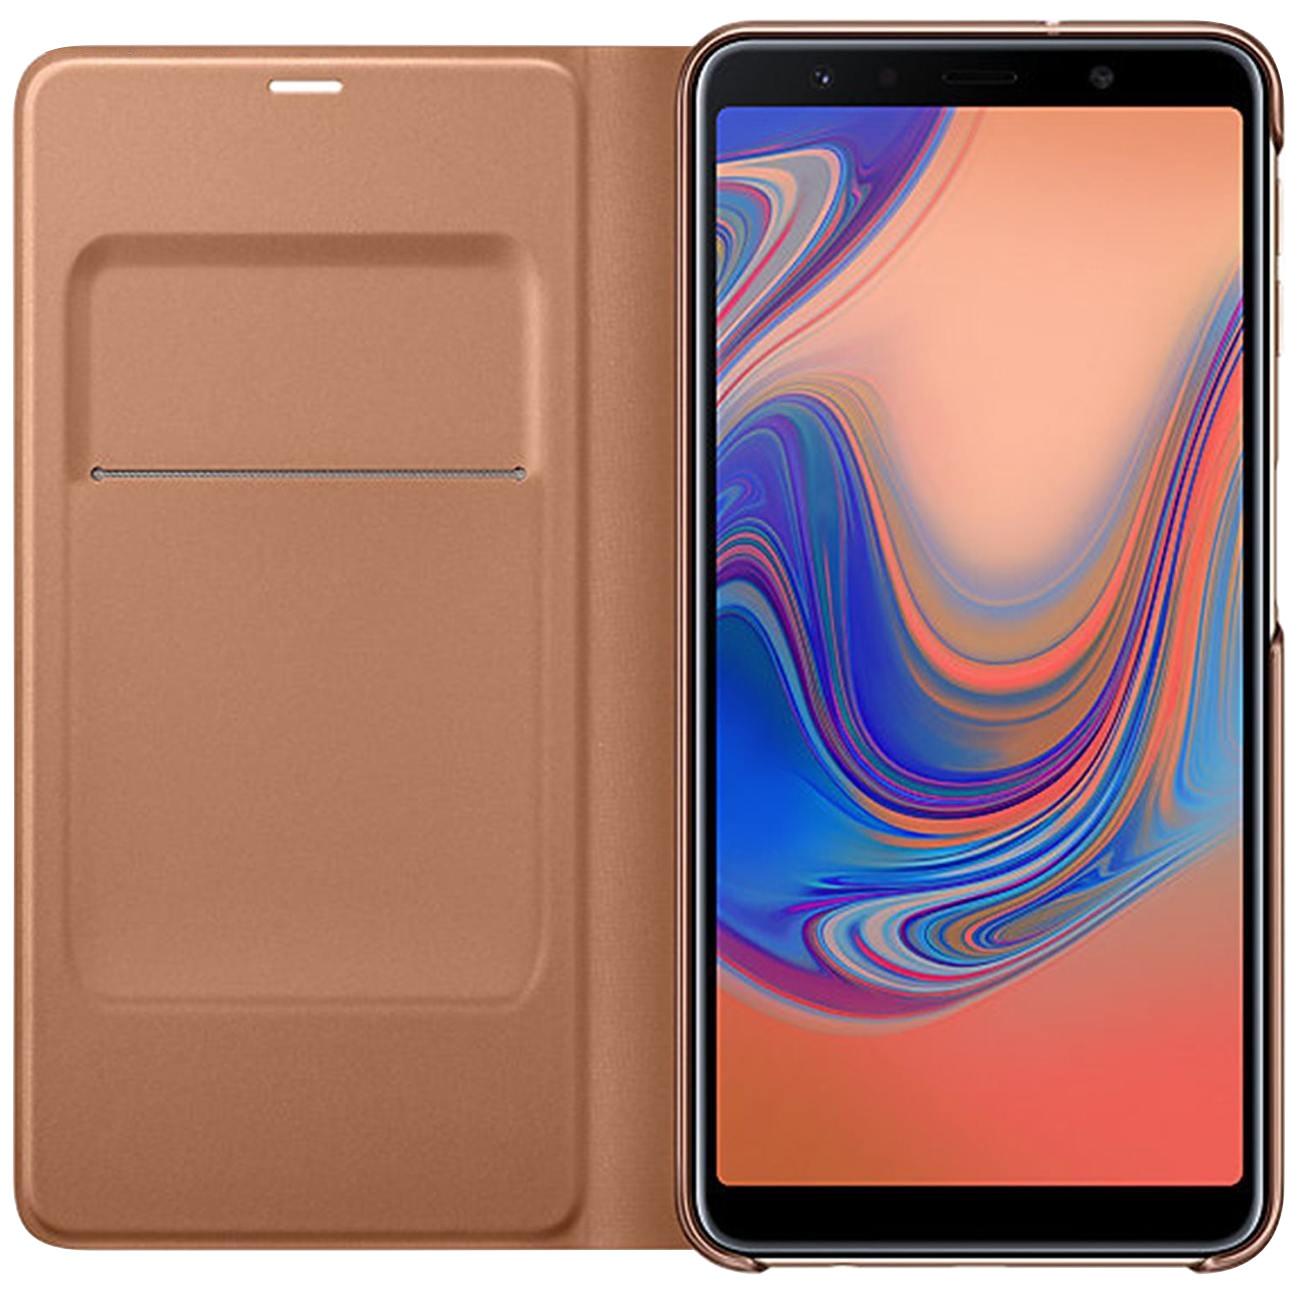 Husa tip carte Samsung EF-WA750PFEGWW aurie pentru Samsung Galaxy A7 2018 (A750)